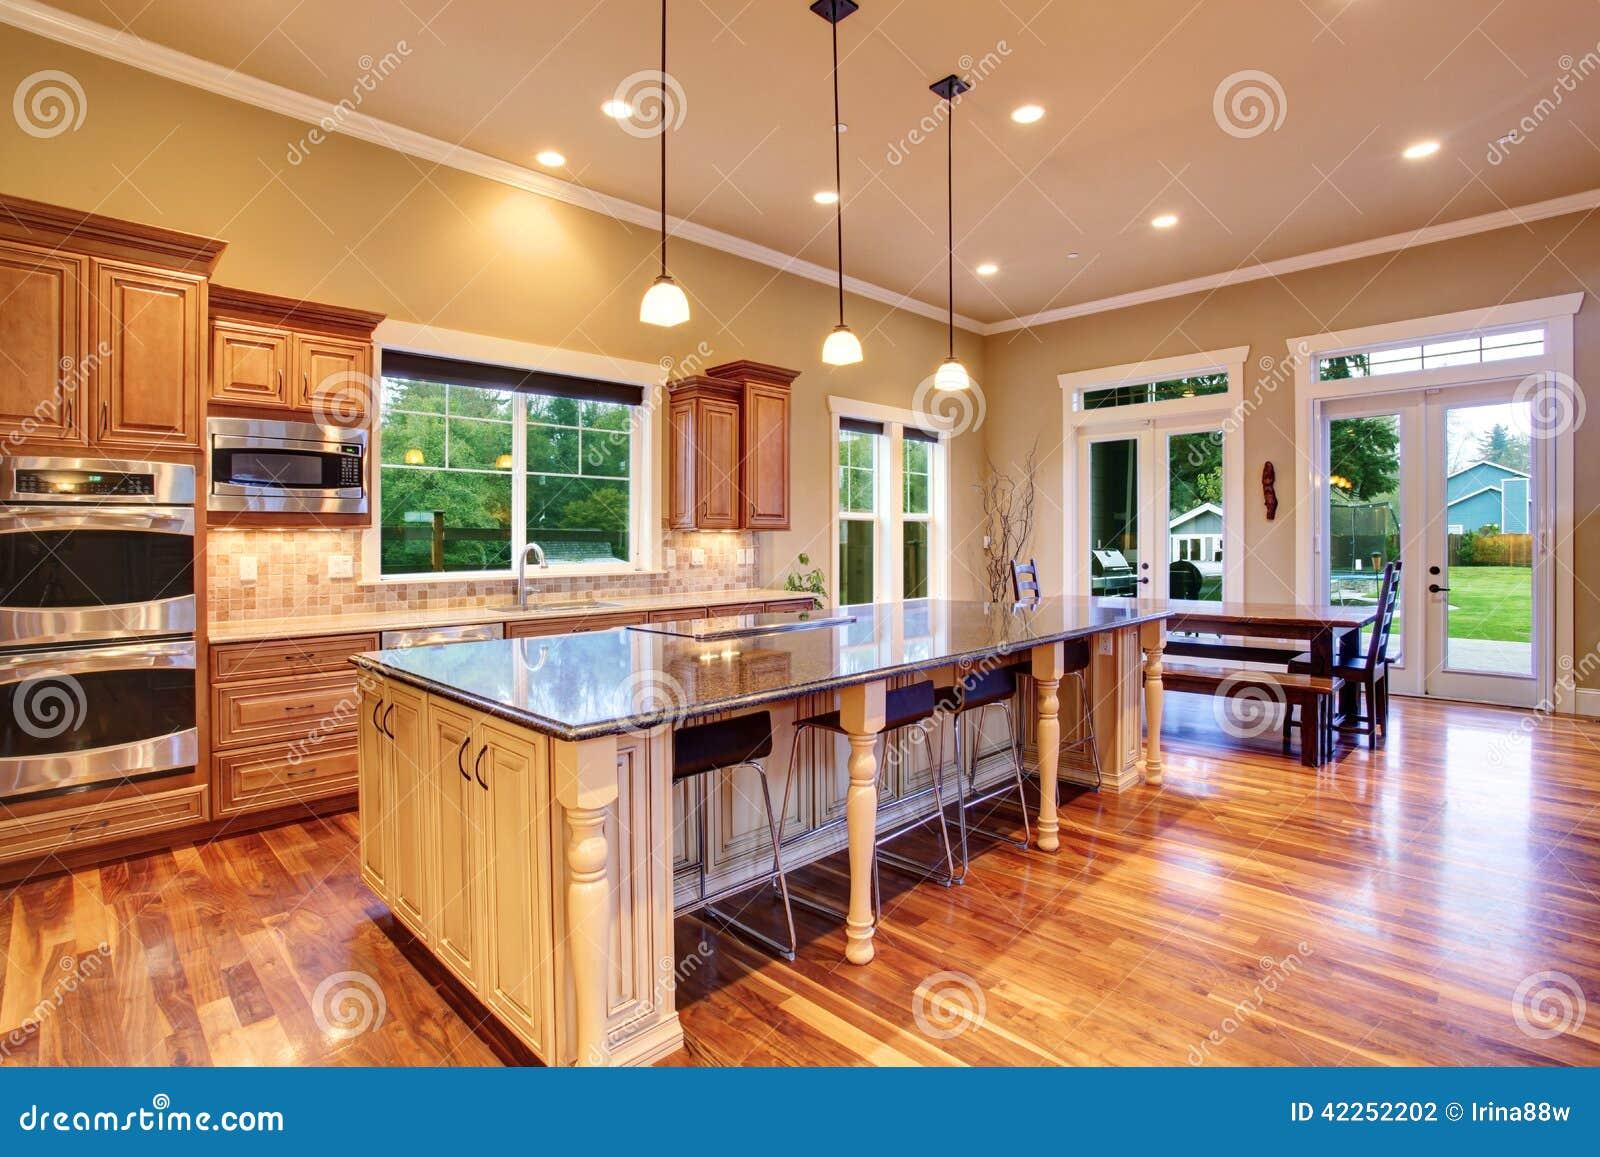 Kücheninnenraum Im Luxushaus Stockfoto - Bild von erneuert ...